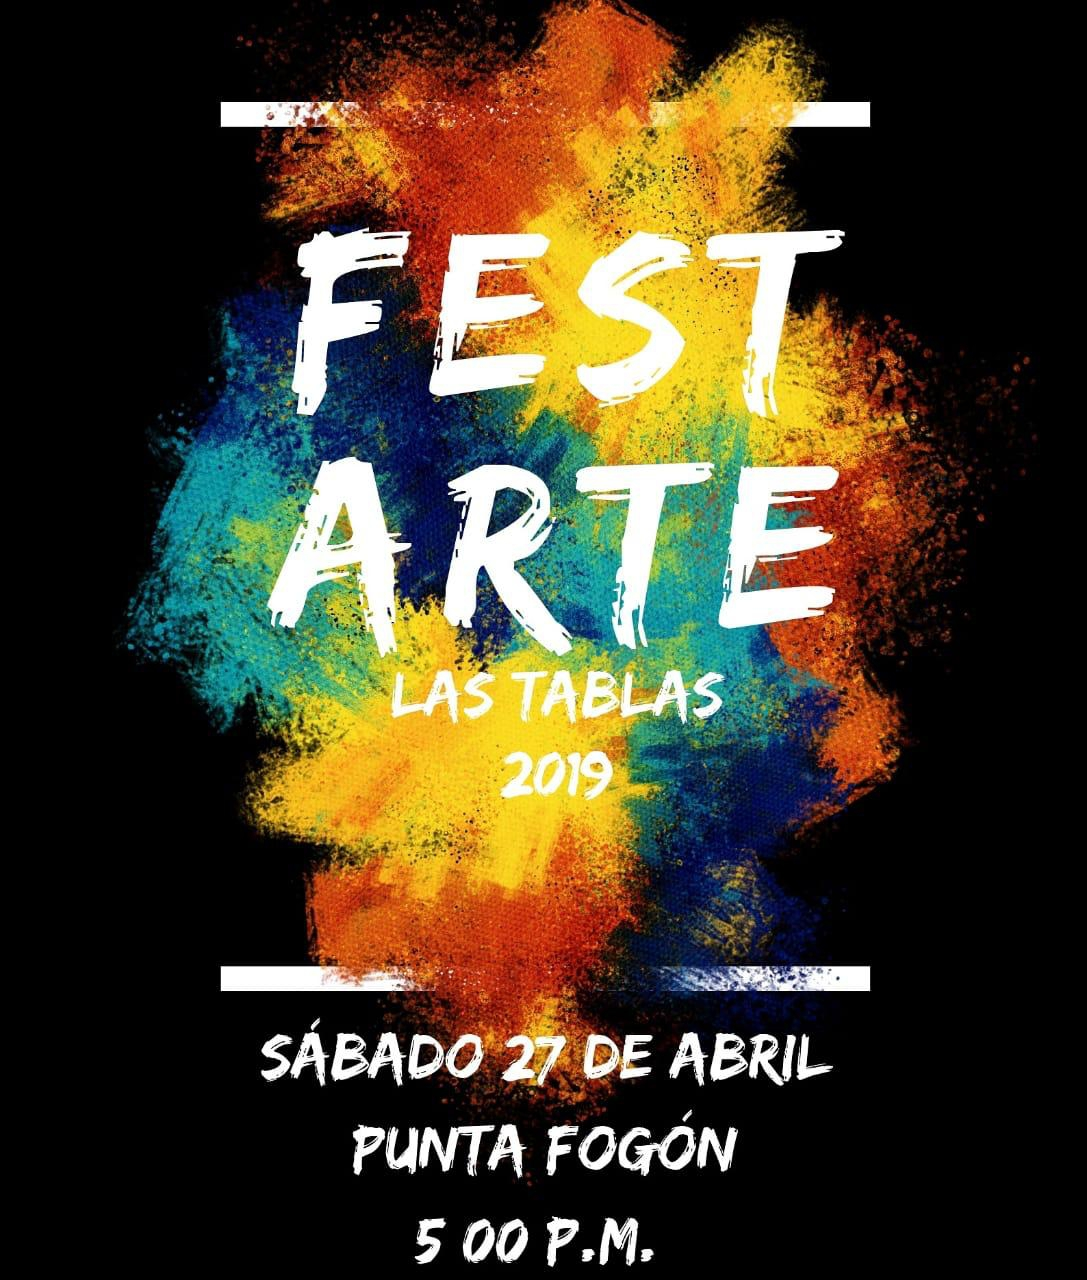 Fest Arte